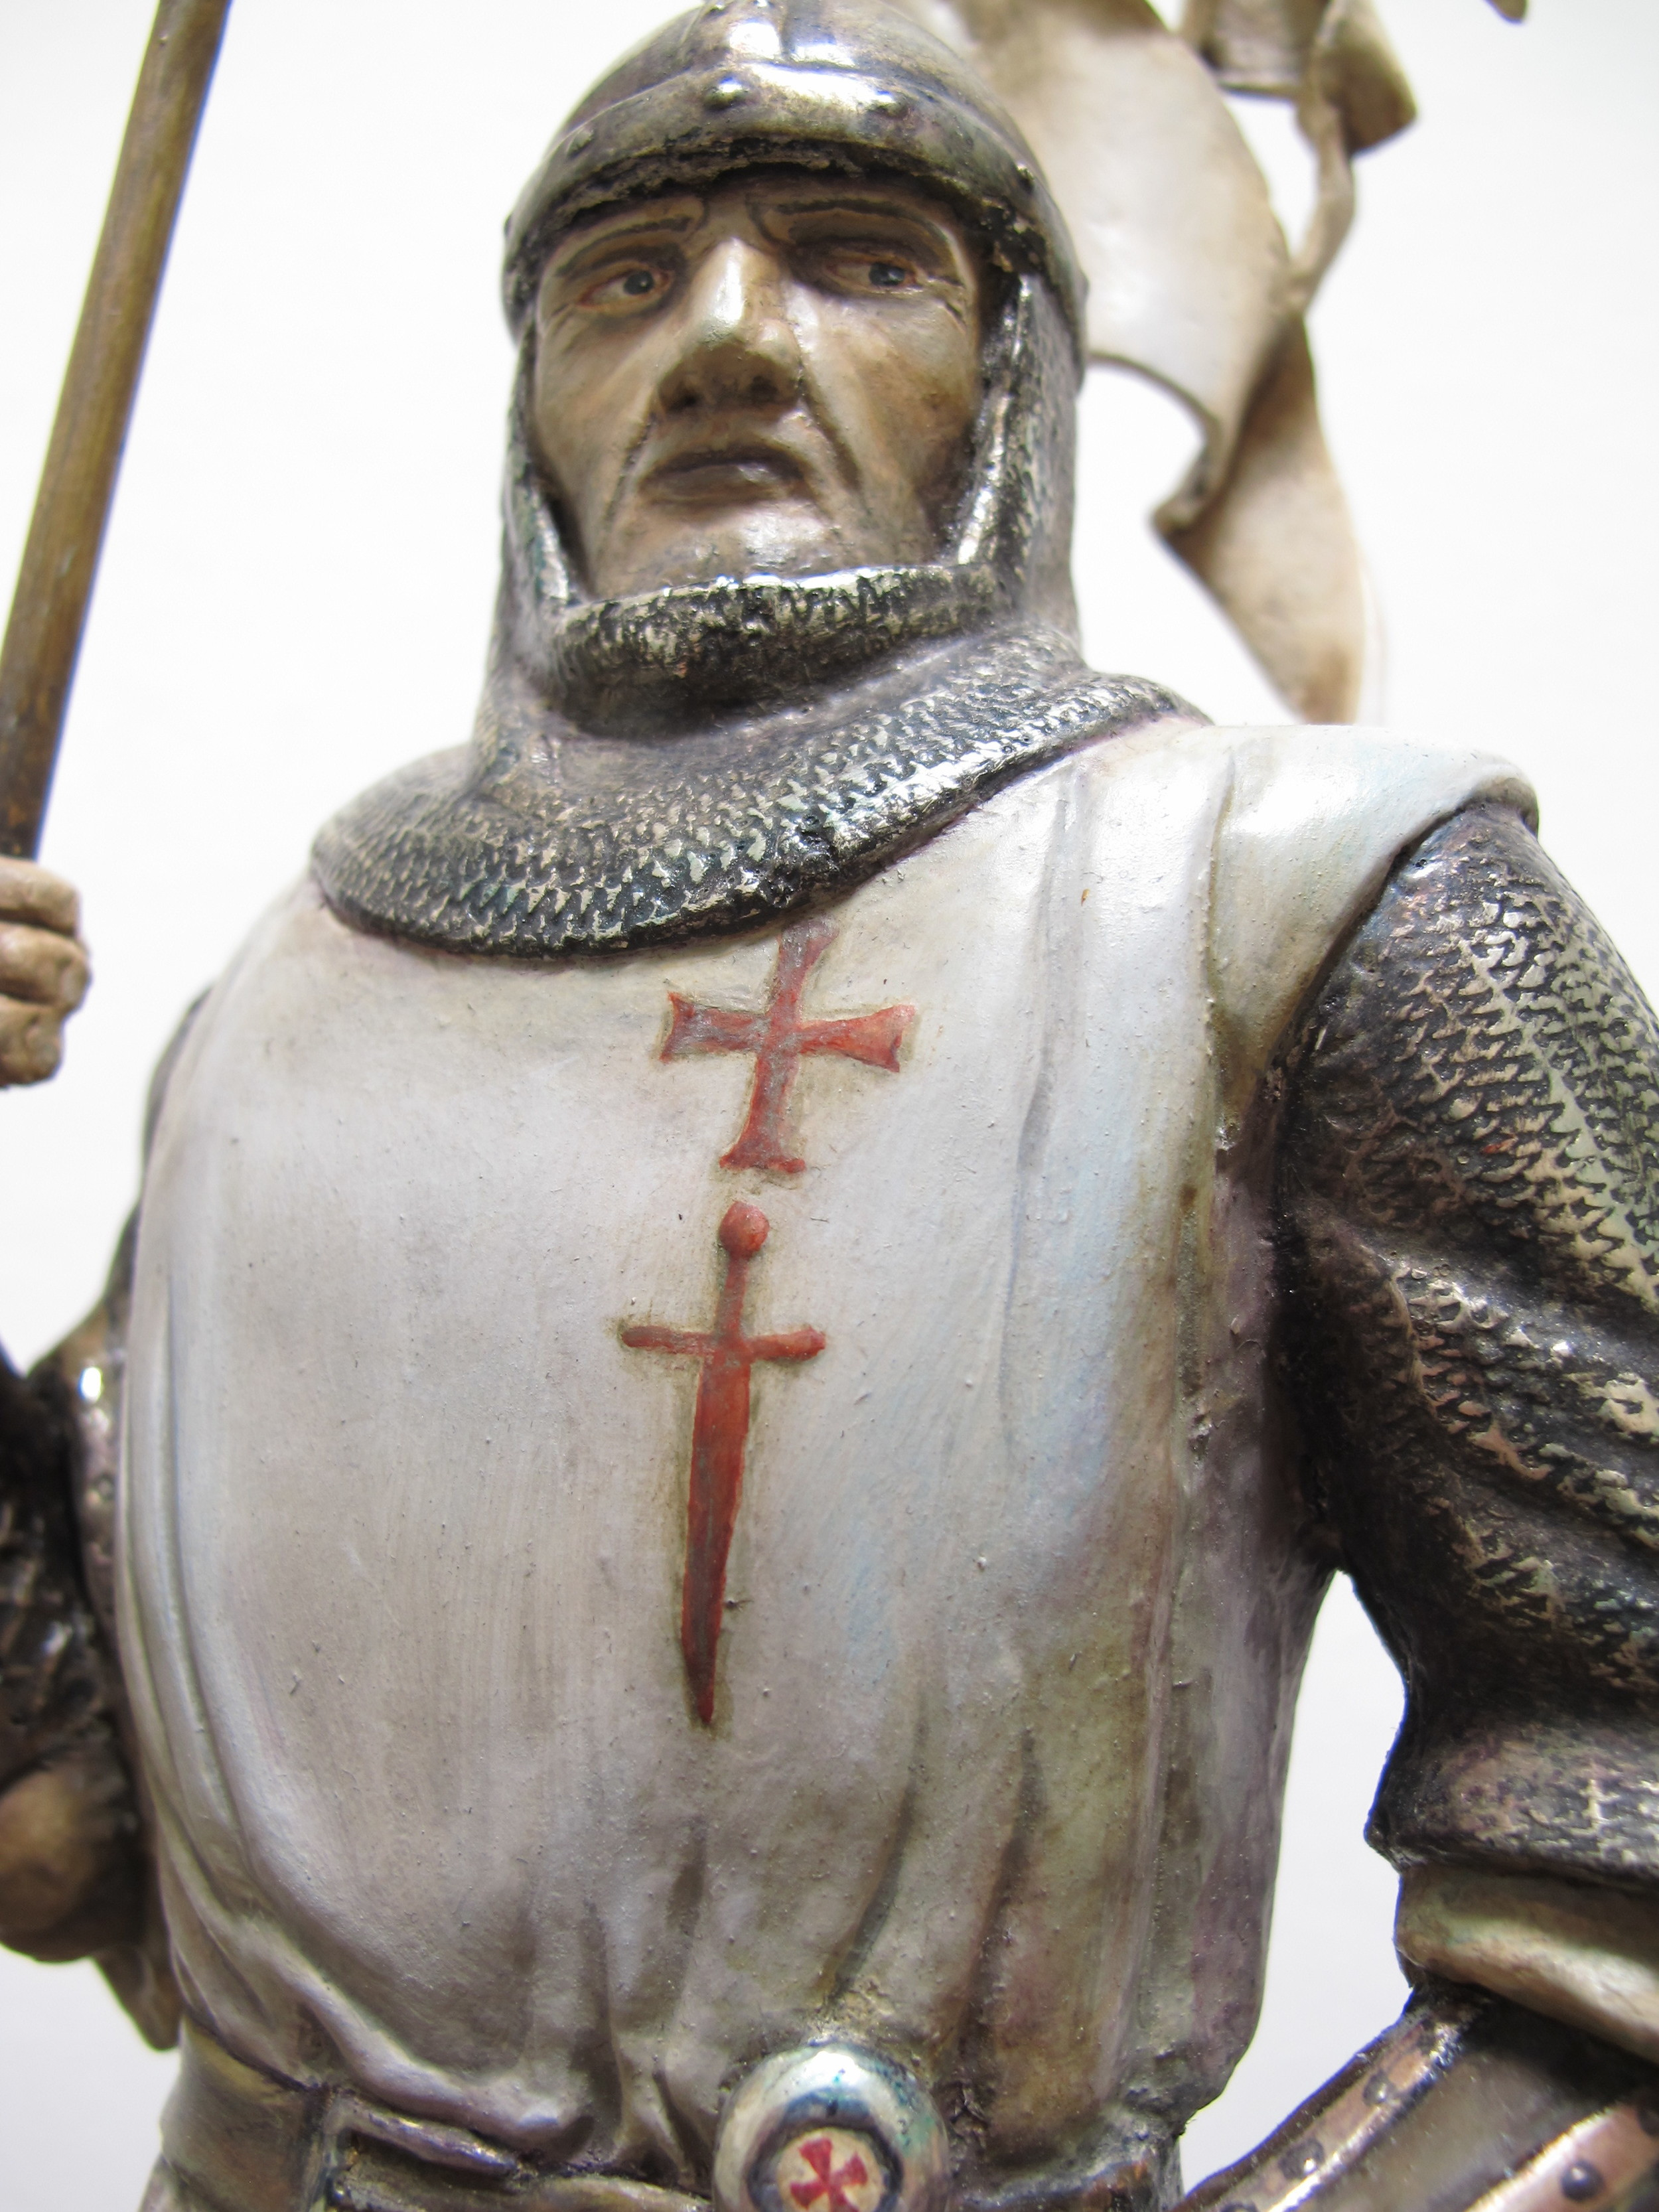 Bei diesem handgeschnitzten Ritter aus Lindenholz handelt es sich um die historische Figur eines Deutschritters vom Orden der Schwertbrüder.Das Kettenhemd und alle weiteren Metallteile sind mit Weißgold belegt, das farbig gelüstert und patiniert wurde. Besonderes Augenmerk bei der Herstellung wurde auf die Bemalung des Gesichts und der Hände gelegt.